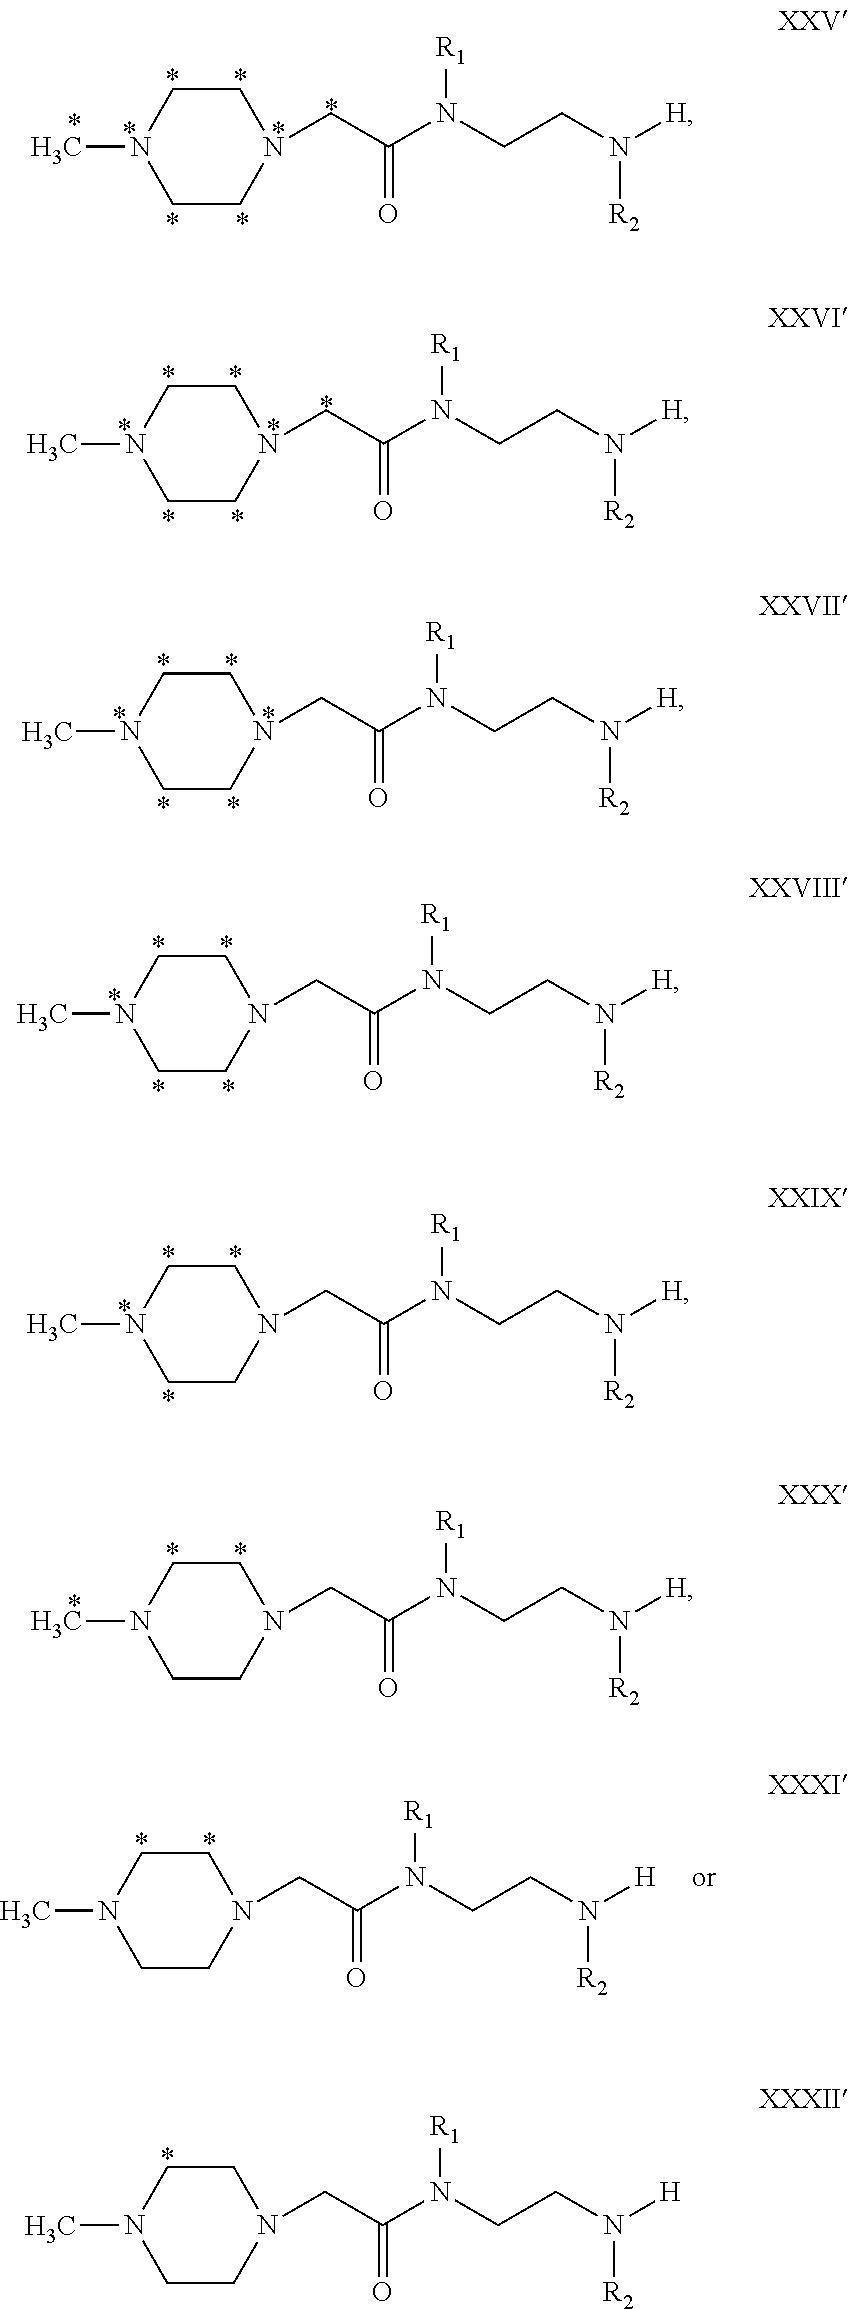 Figure US08492163-20130723-C00030